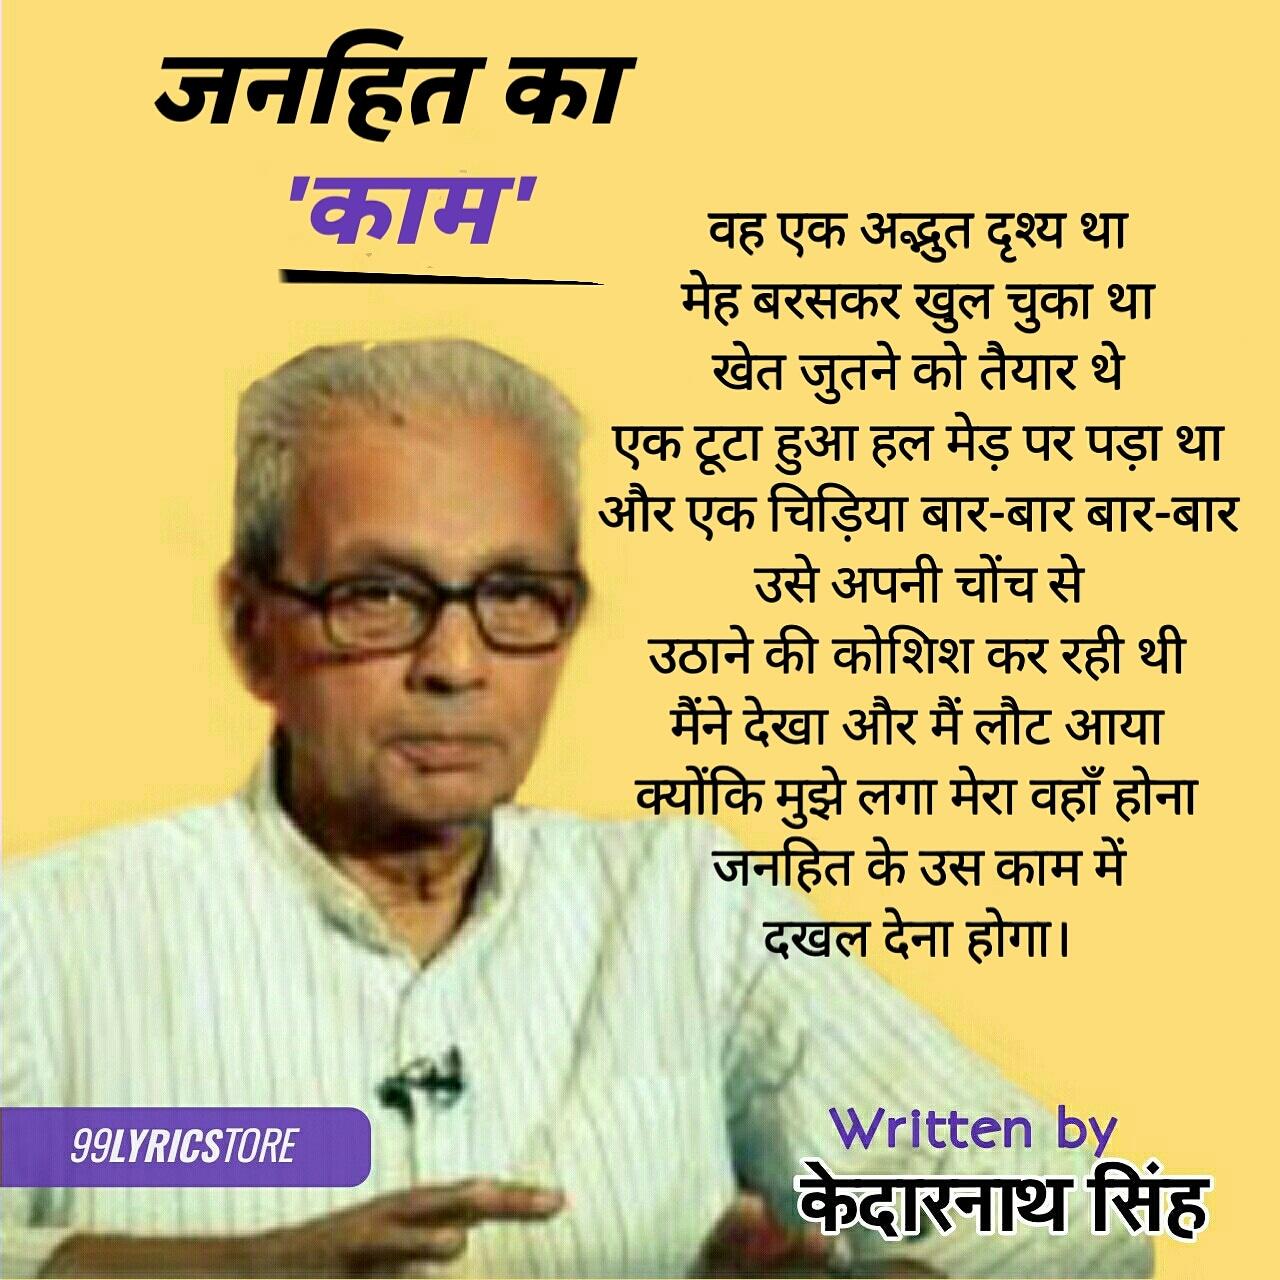 'जनहित का काम' कविता केदारनाथ सिंह जी द्वारा लिखी गई एक हिन्दी कविता है। केदारनाथ सिंह जी की 'यहां से देखो' कविता संग्रह में रचित यह कविता 'जनहित का काम' भी संकलित हैं।